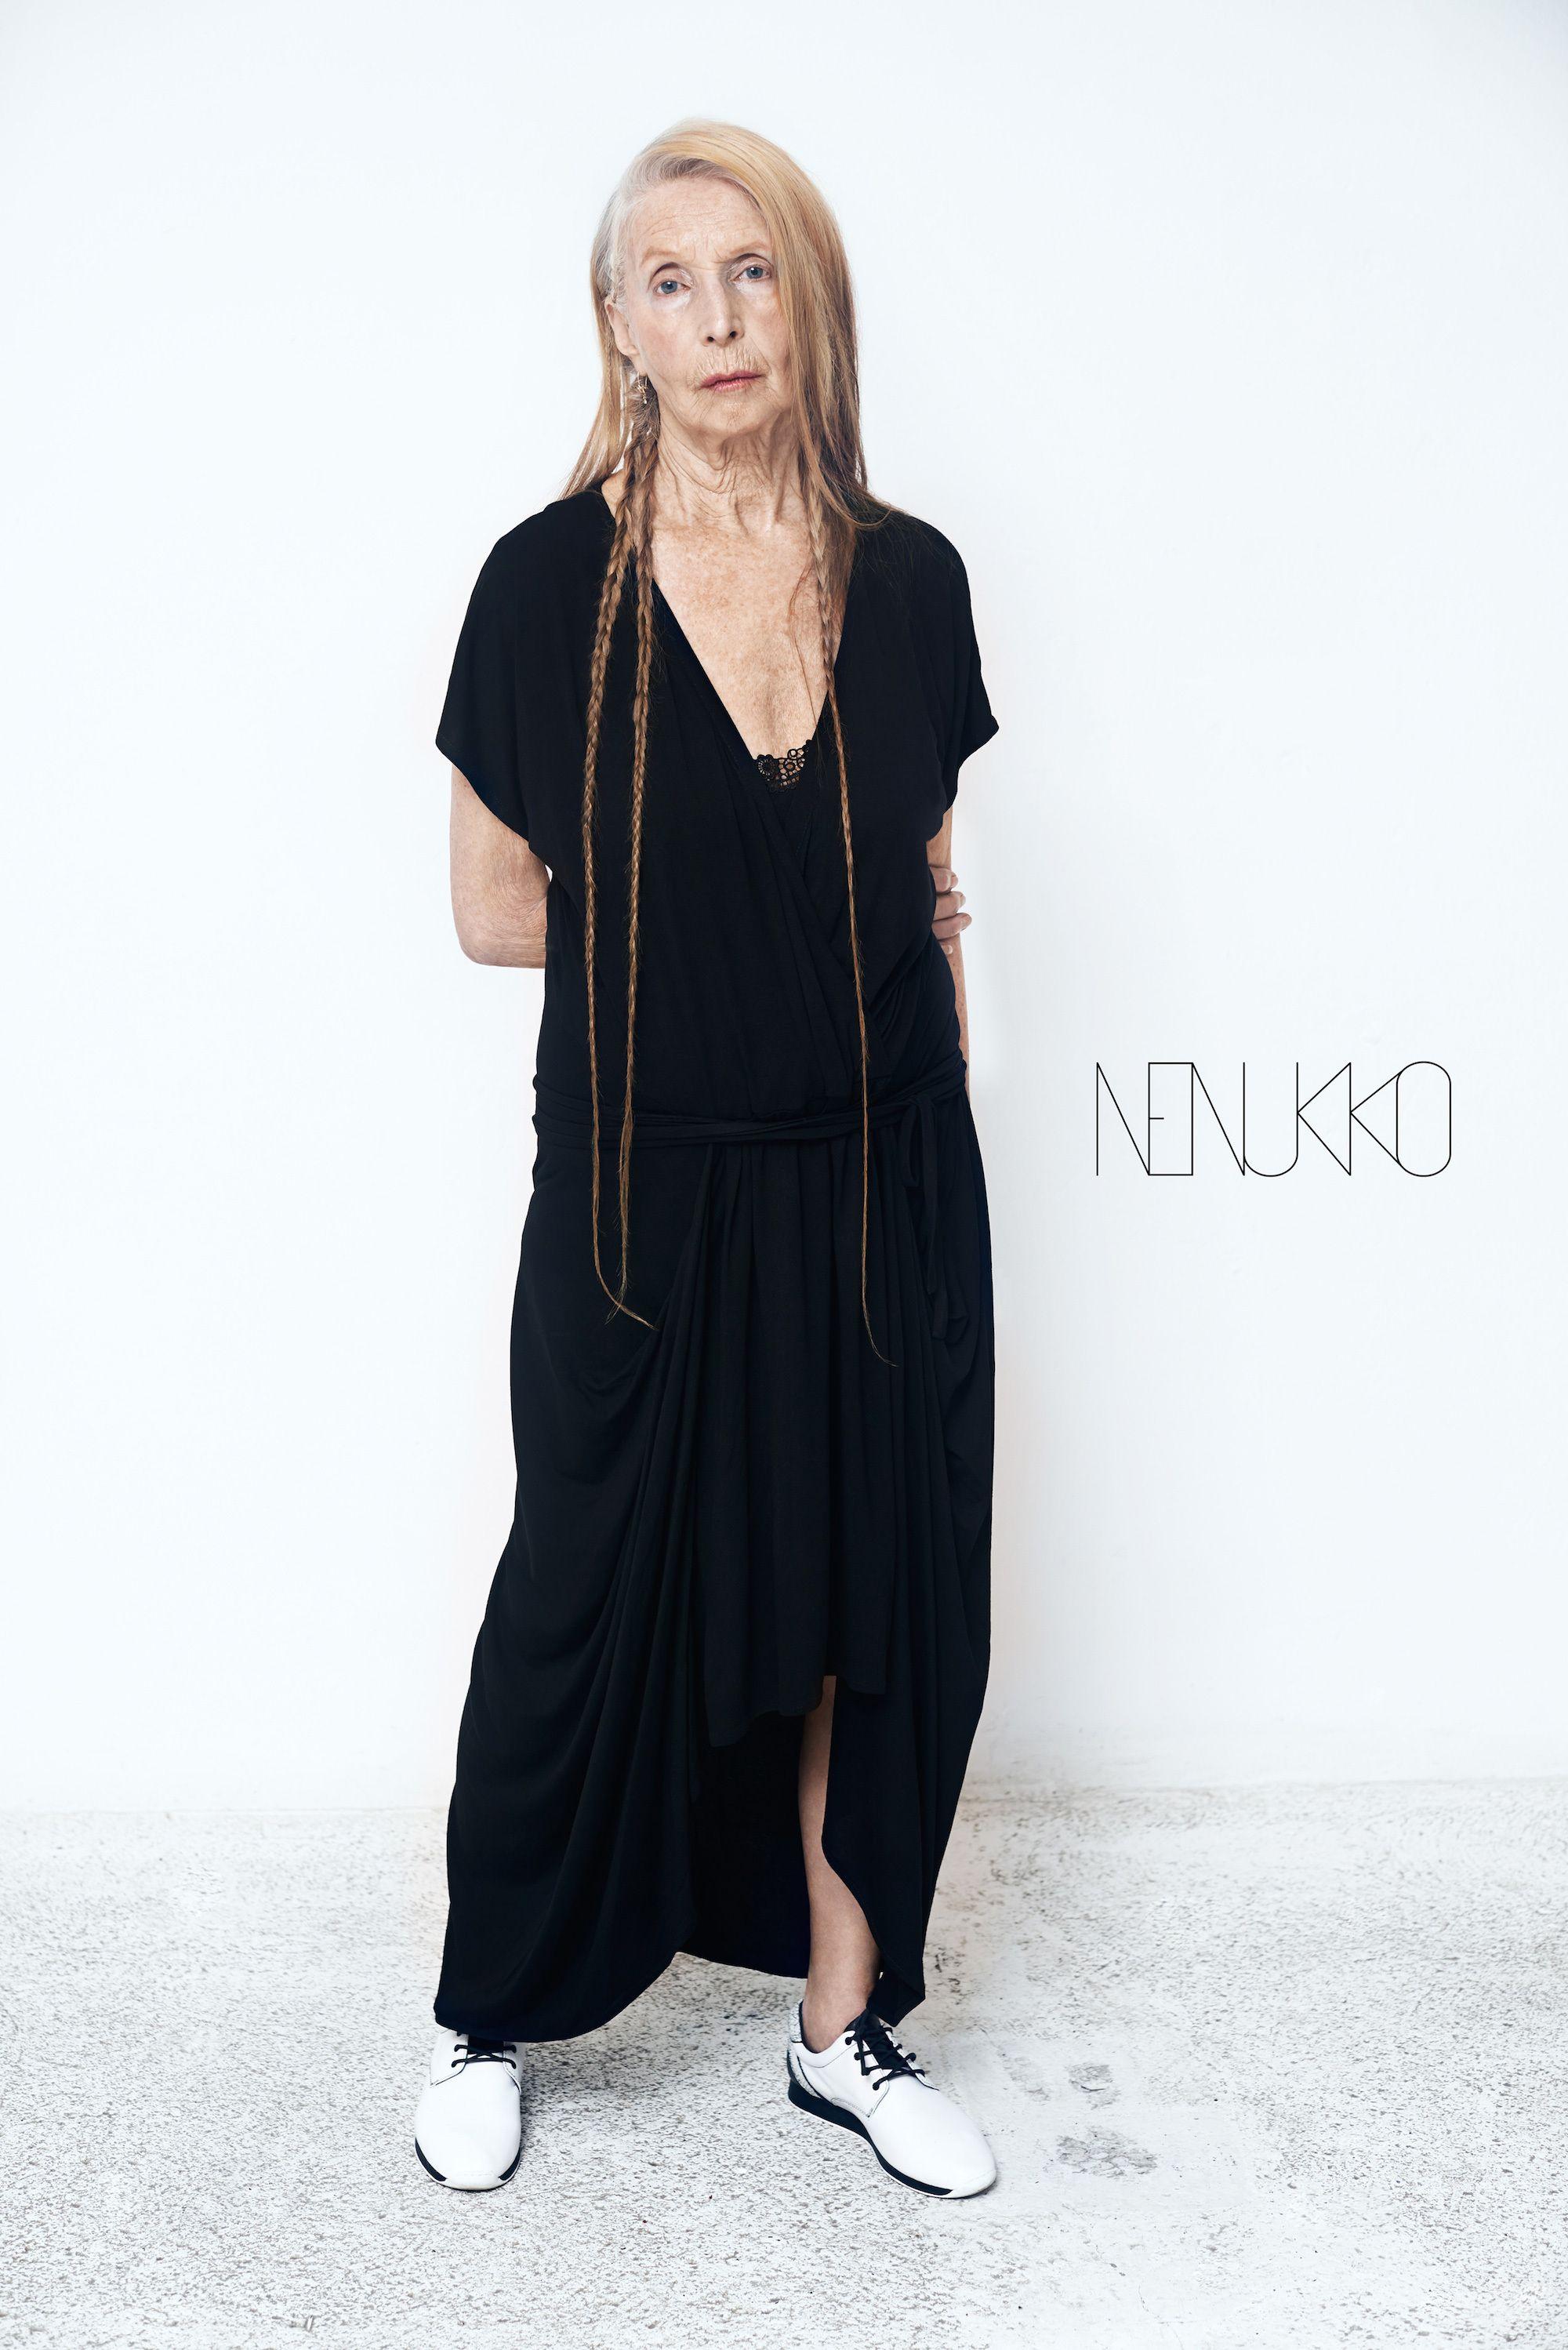 helena-norowicz-w-nowej-streetwearowej-odsonie-body-image-1424437094